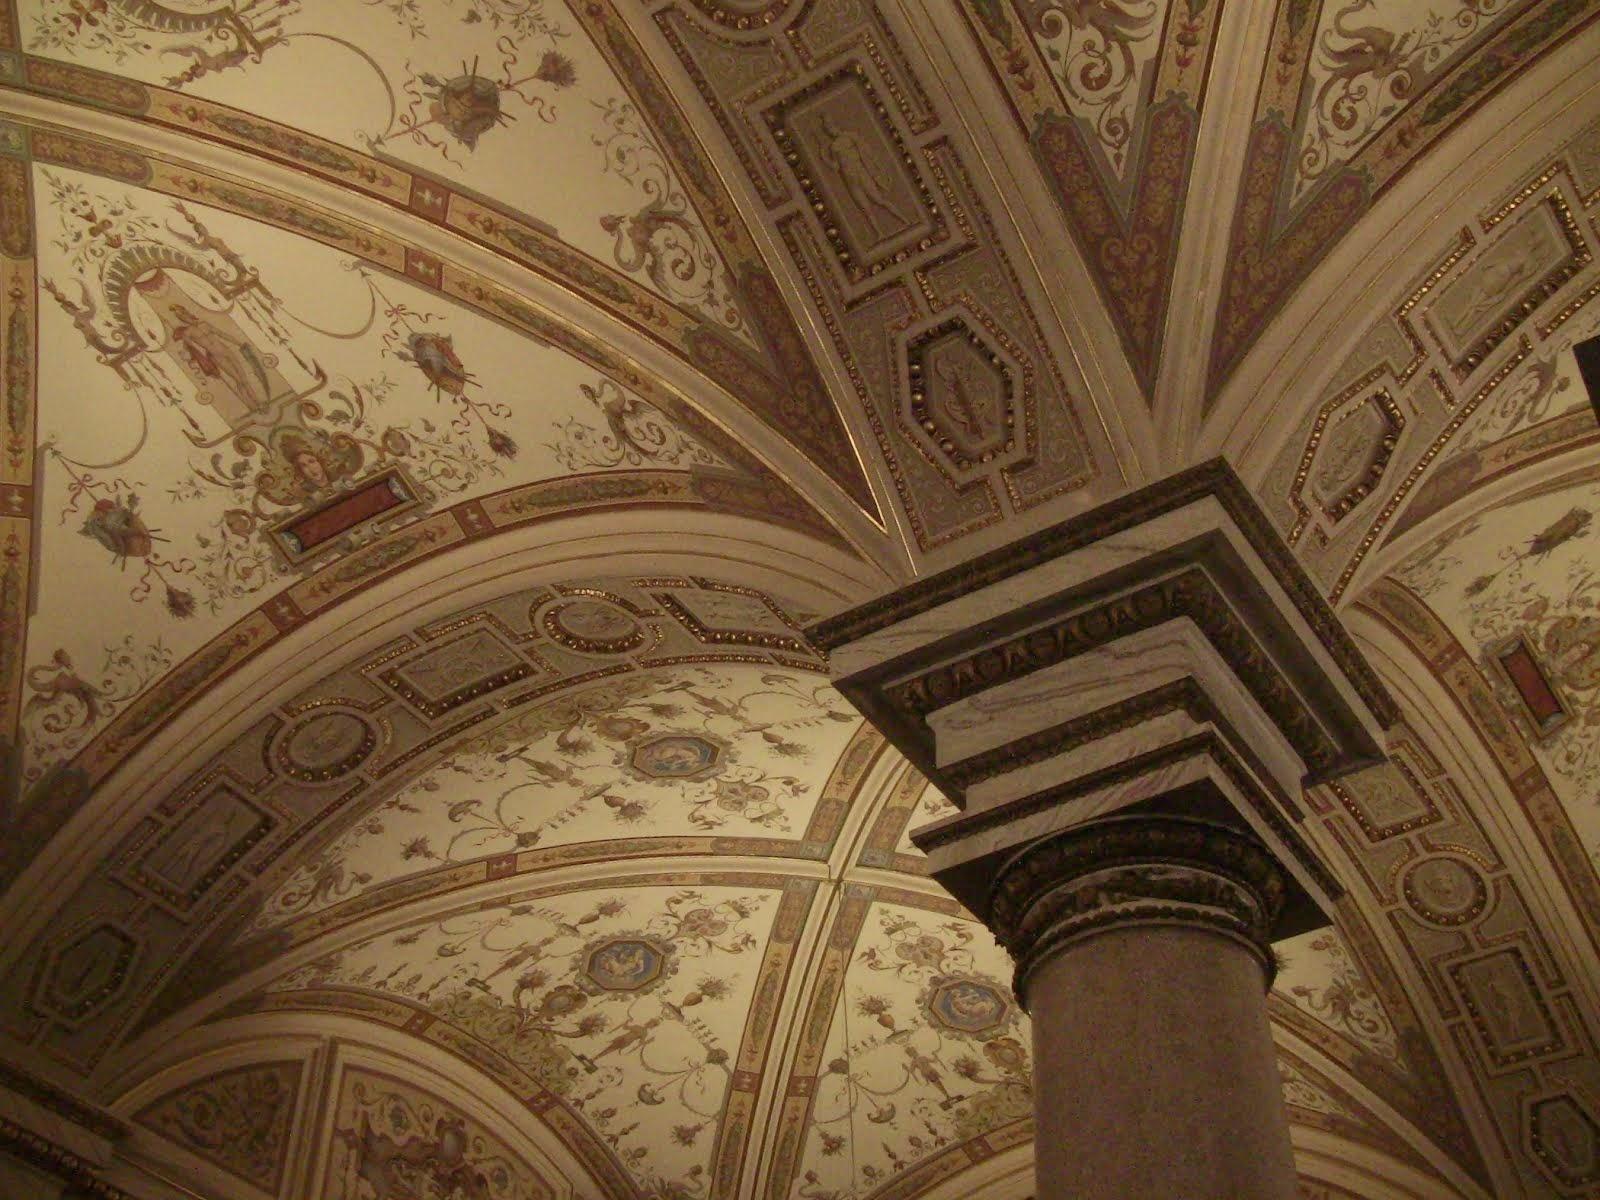 Les plafonds du Kunsthistorisches Museum de Vienne